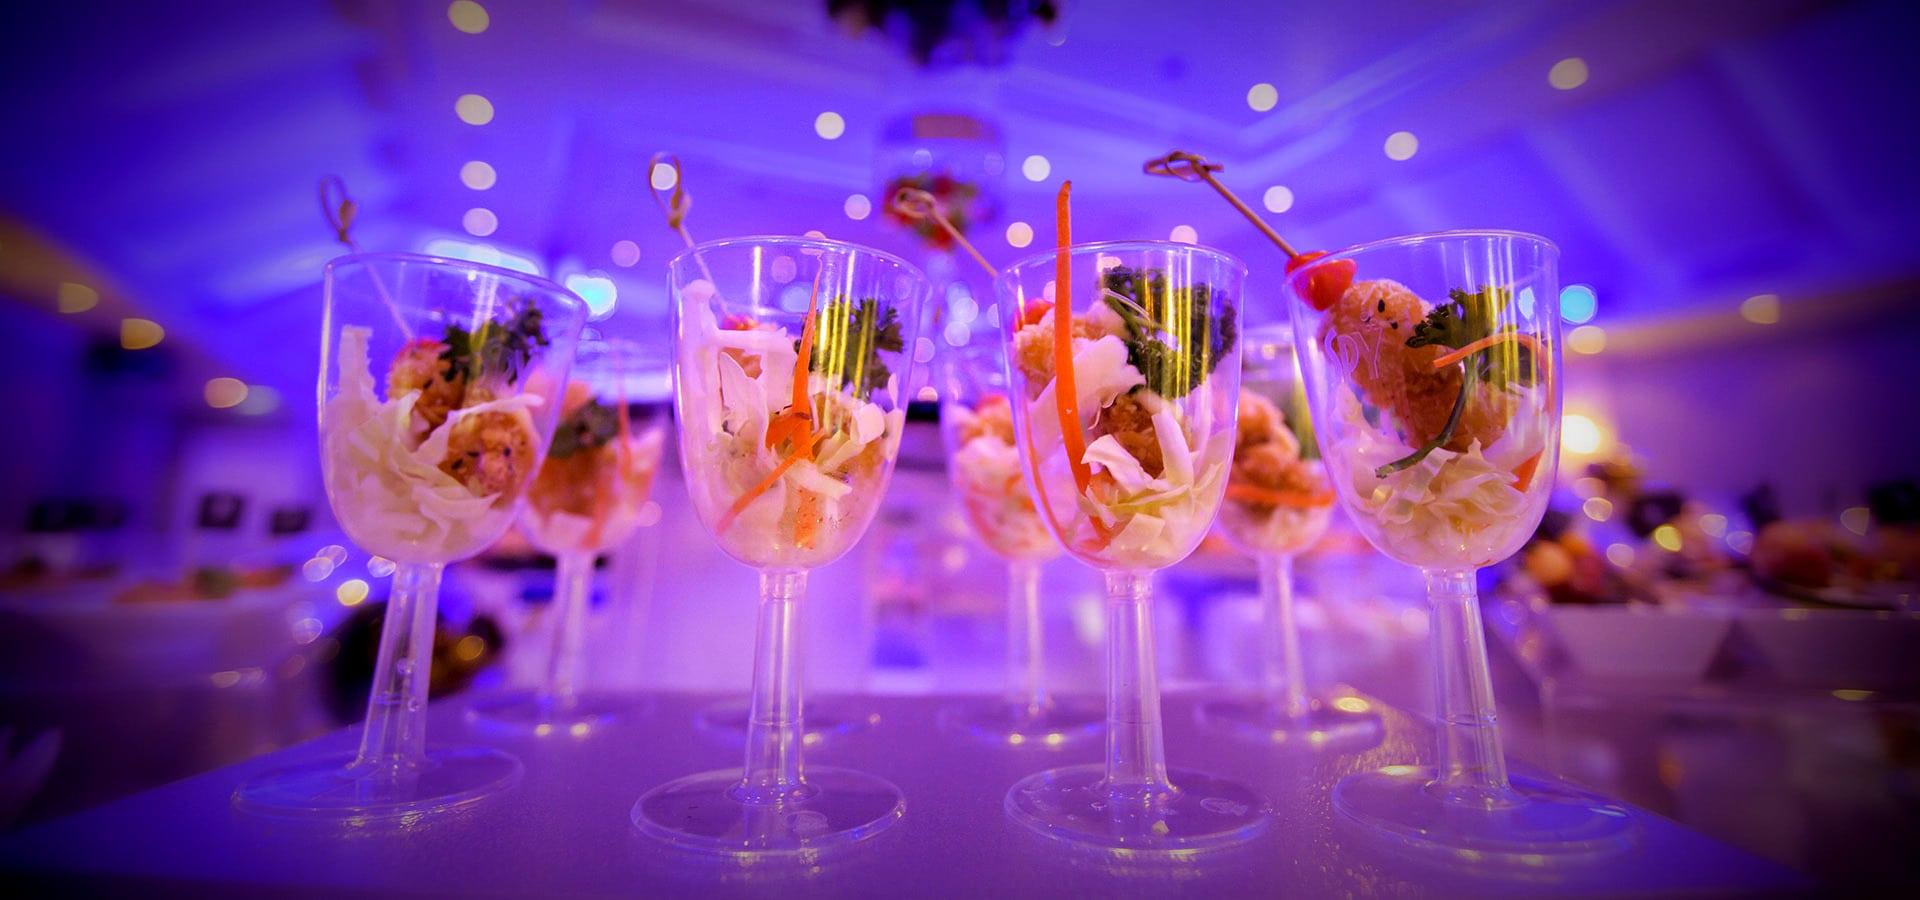 uniek-feest-tent-verhuur-dansen-deejay-dj-venlo-bruiloft-huwelijksfeest-limburg-stevie-partydeejays